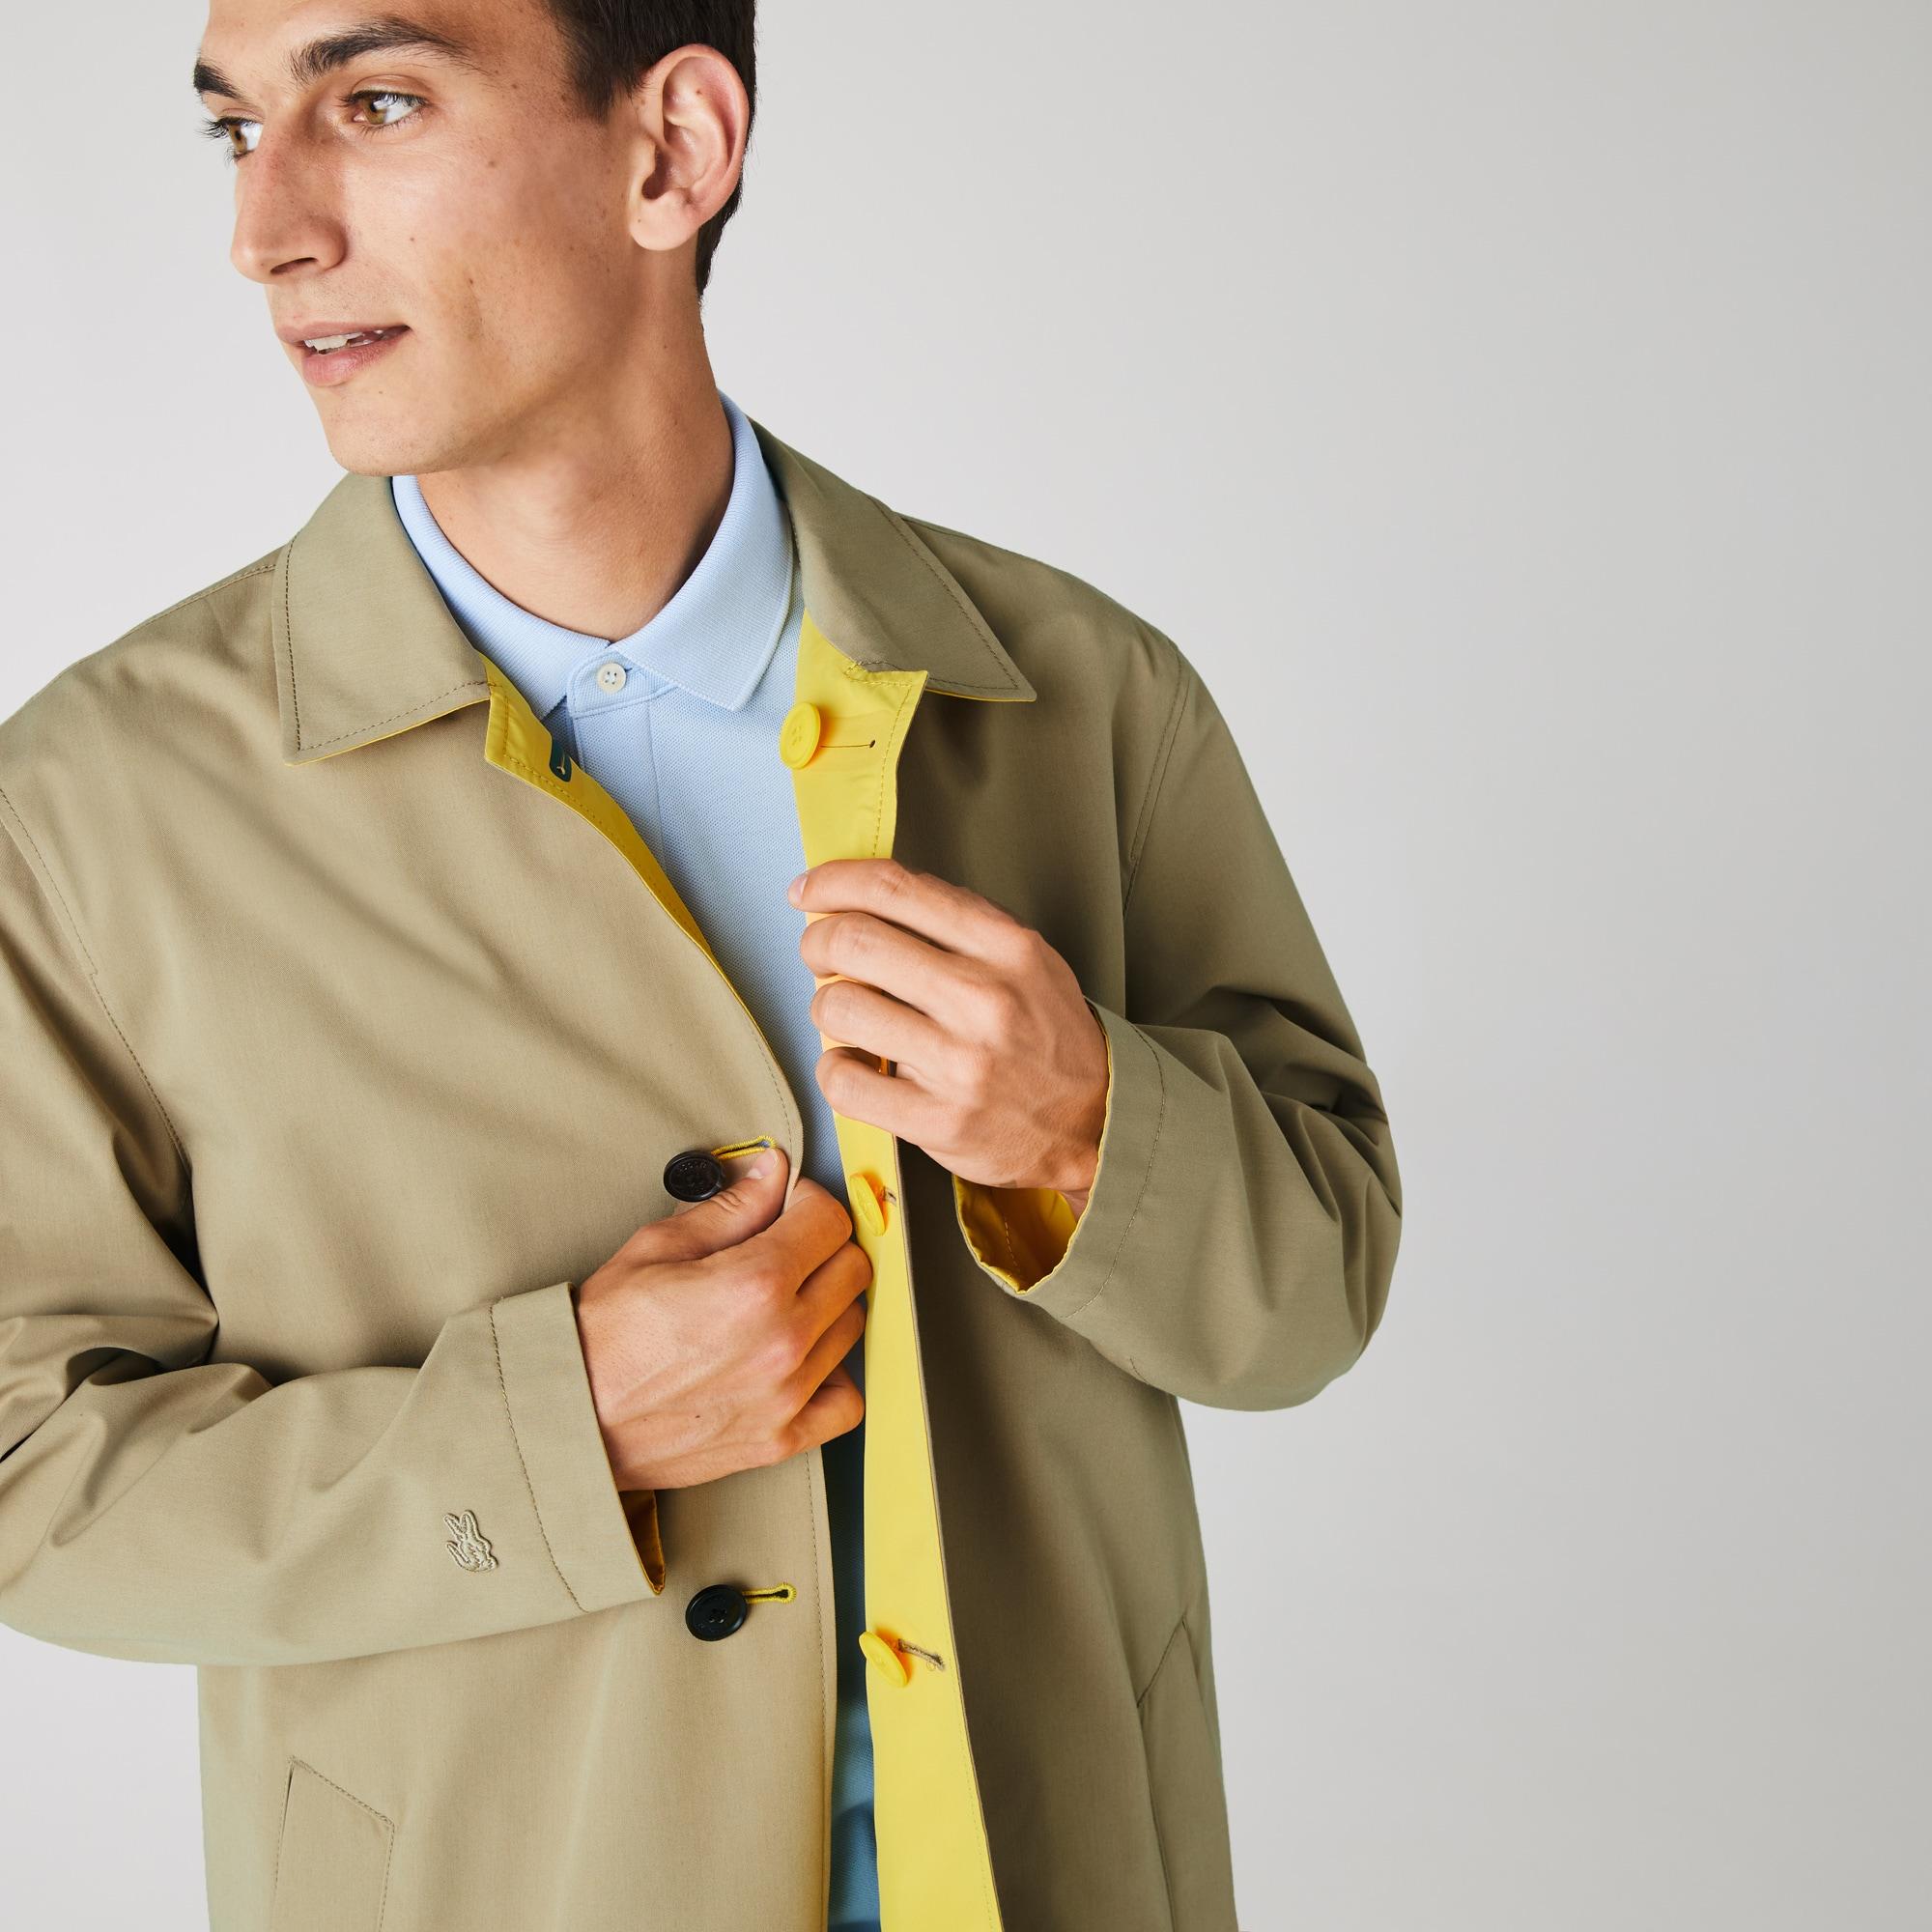 라코스테 경량 뱔수 리버서블 트윌 코트 Lacoste Mens Lightweight Water-Resistant Reversible Twill Coat